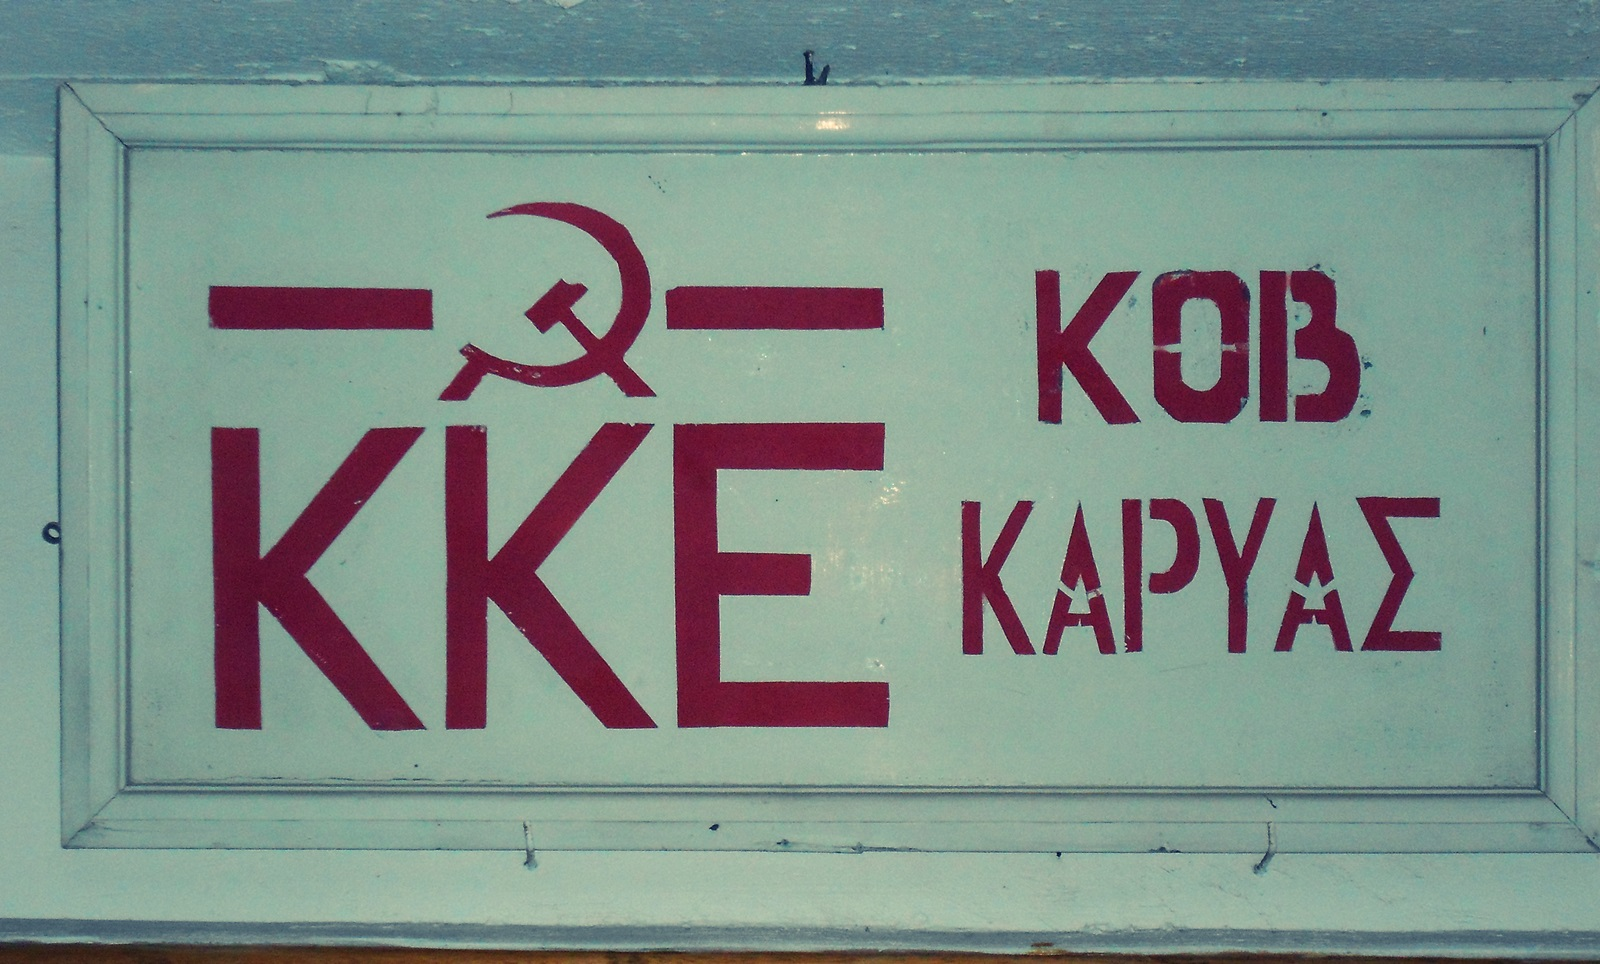 KOB_Karyas